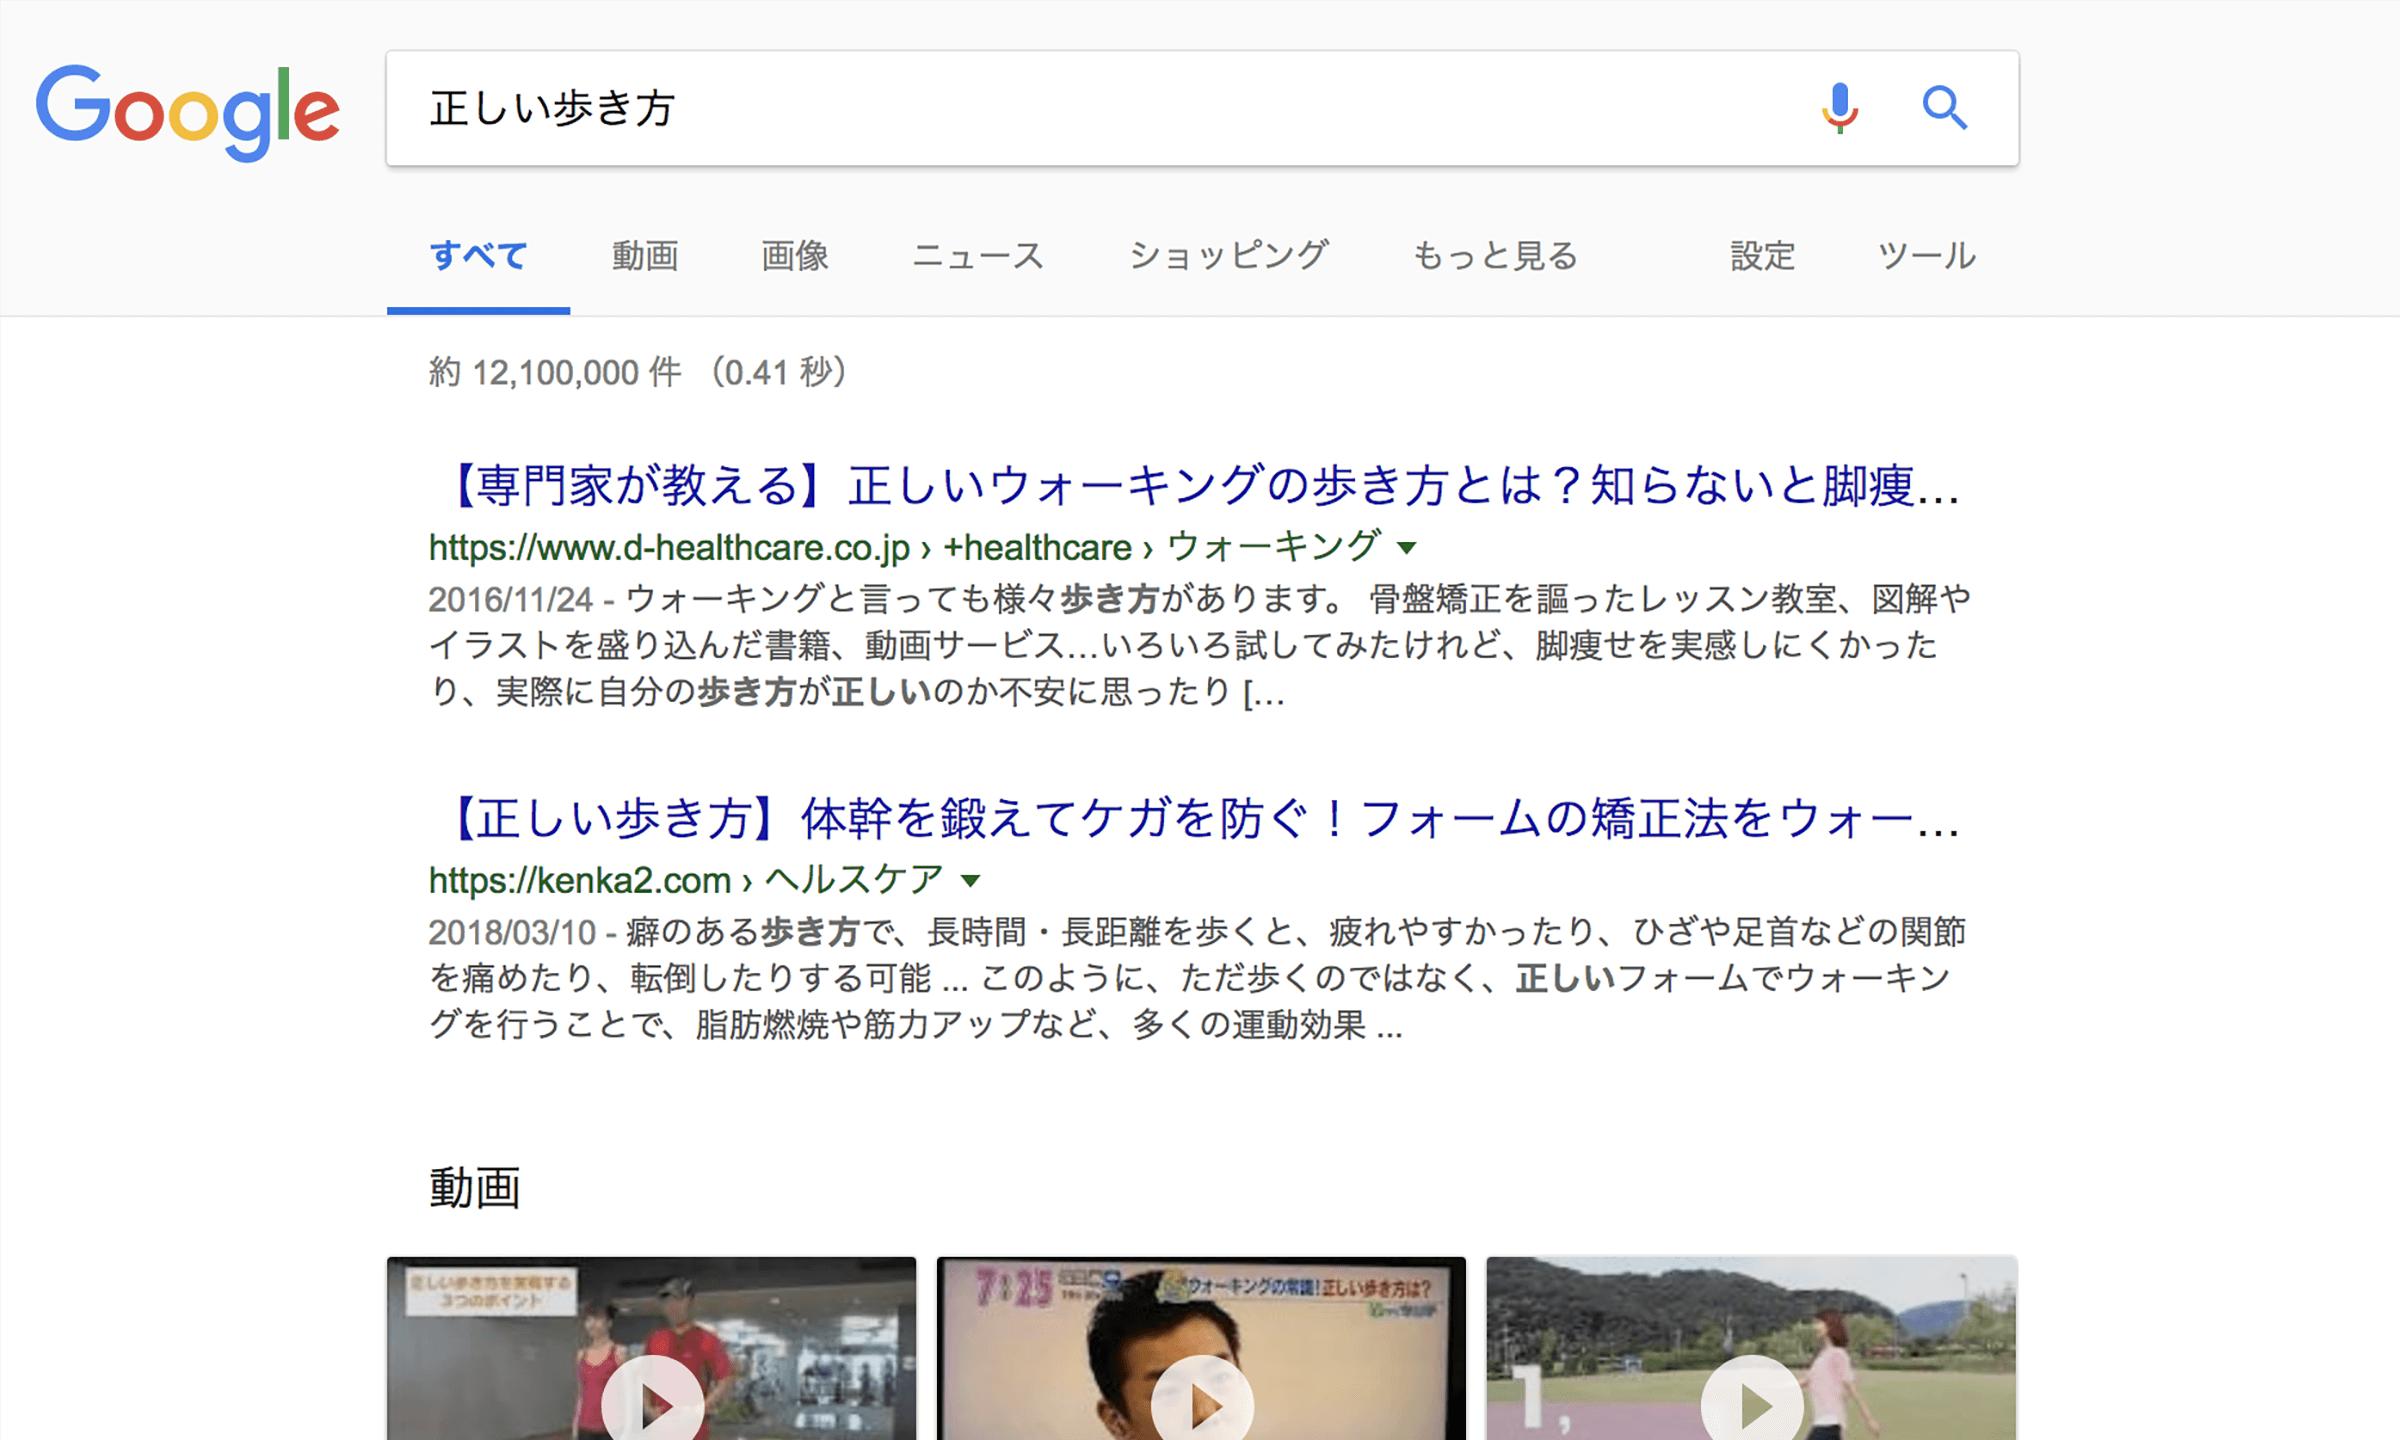 情報検索クエリ